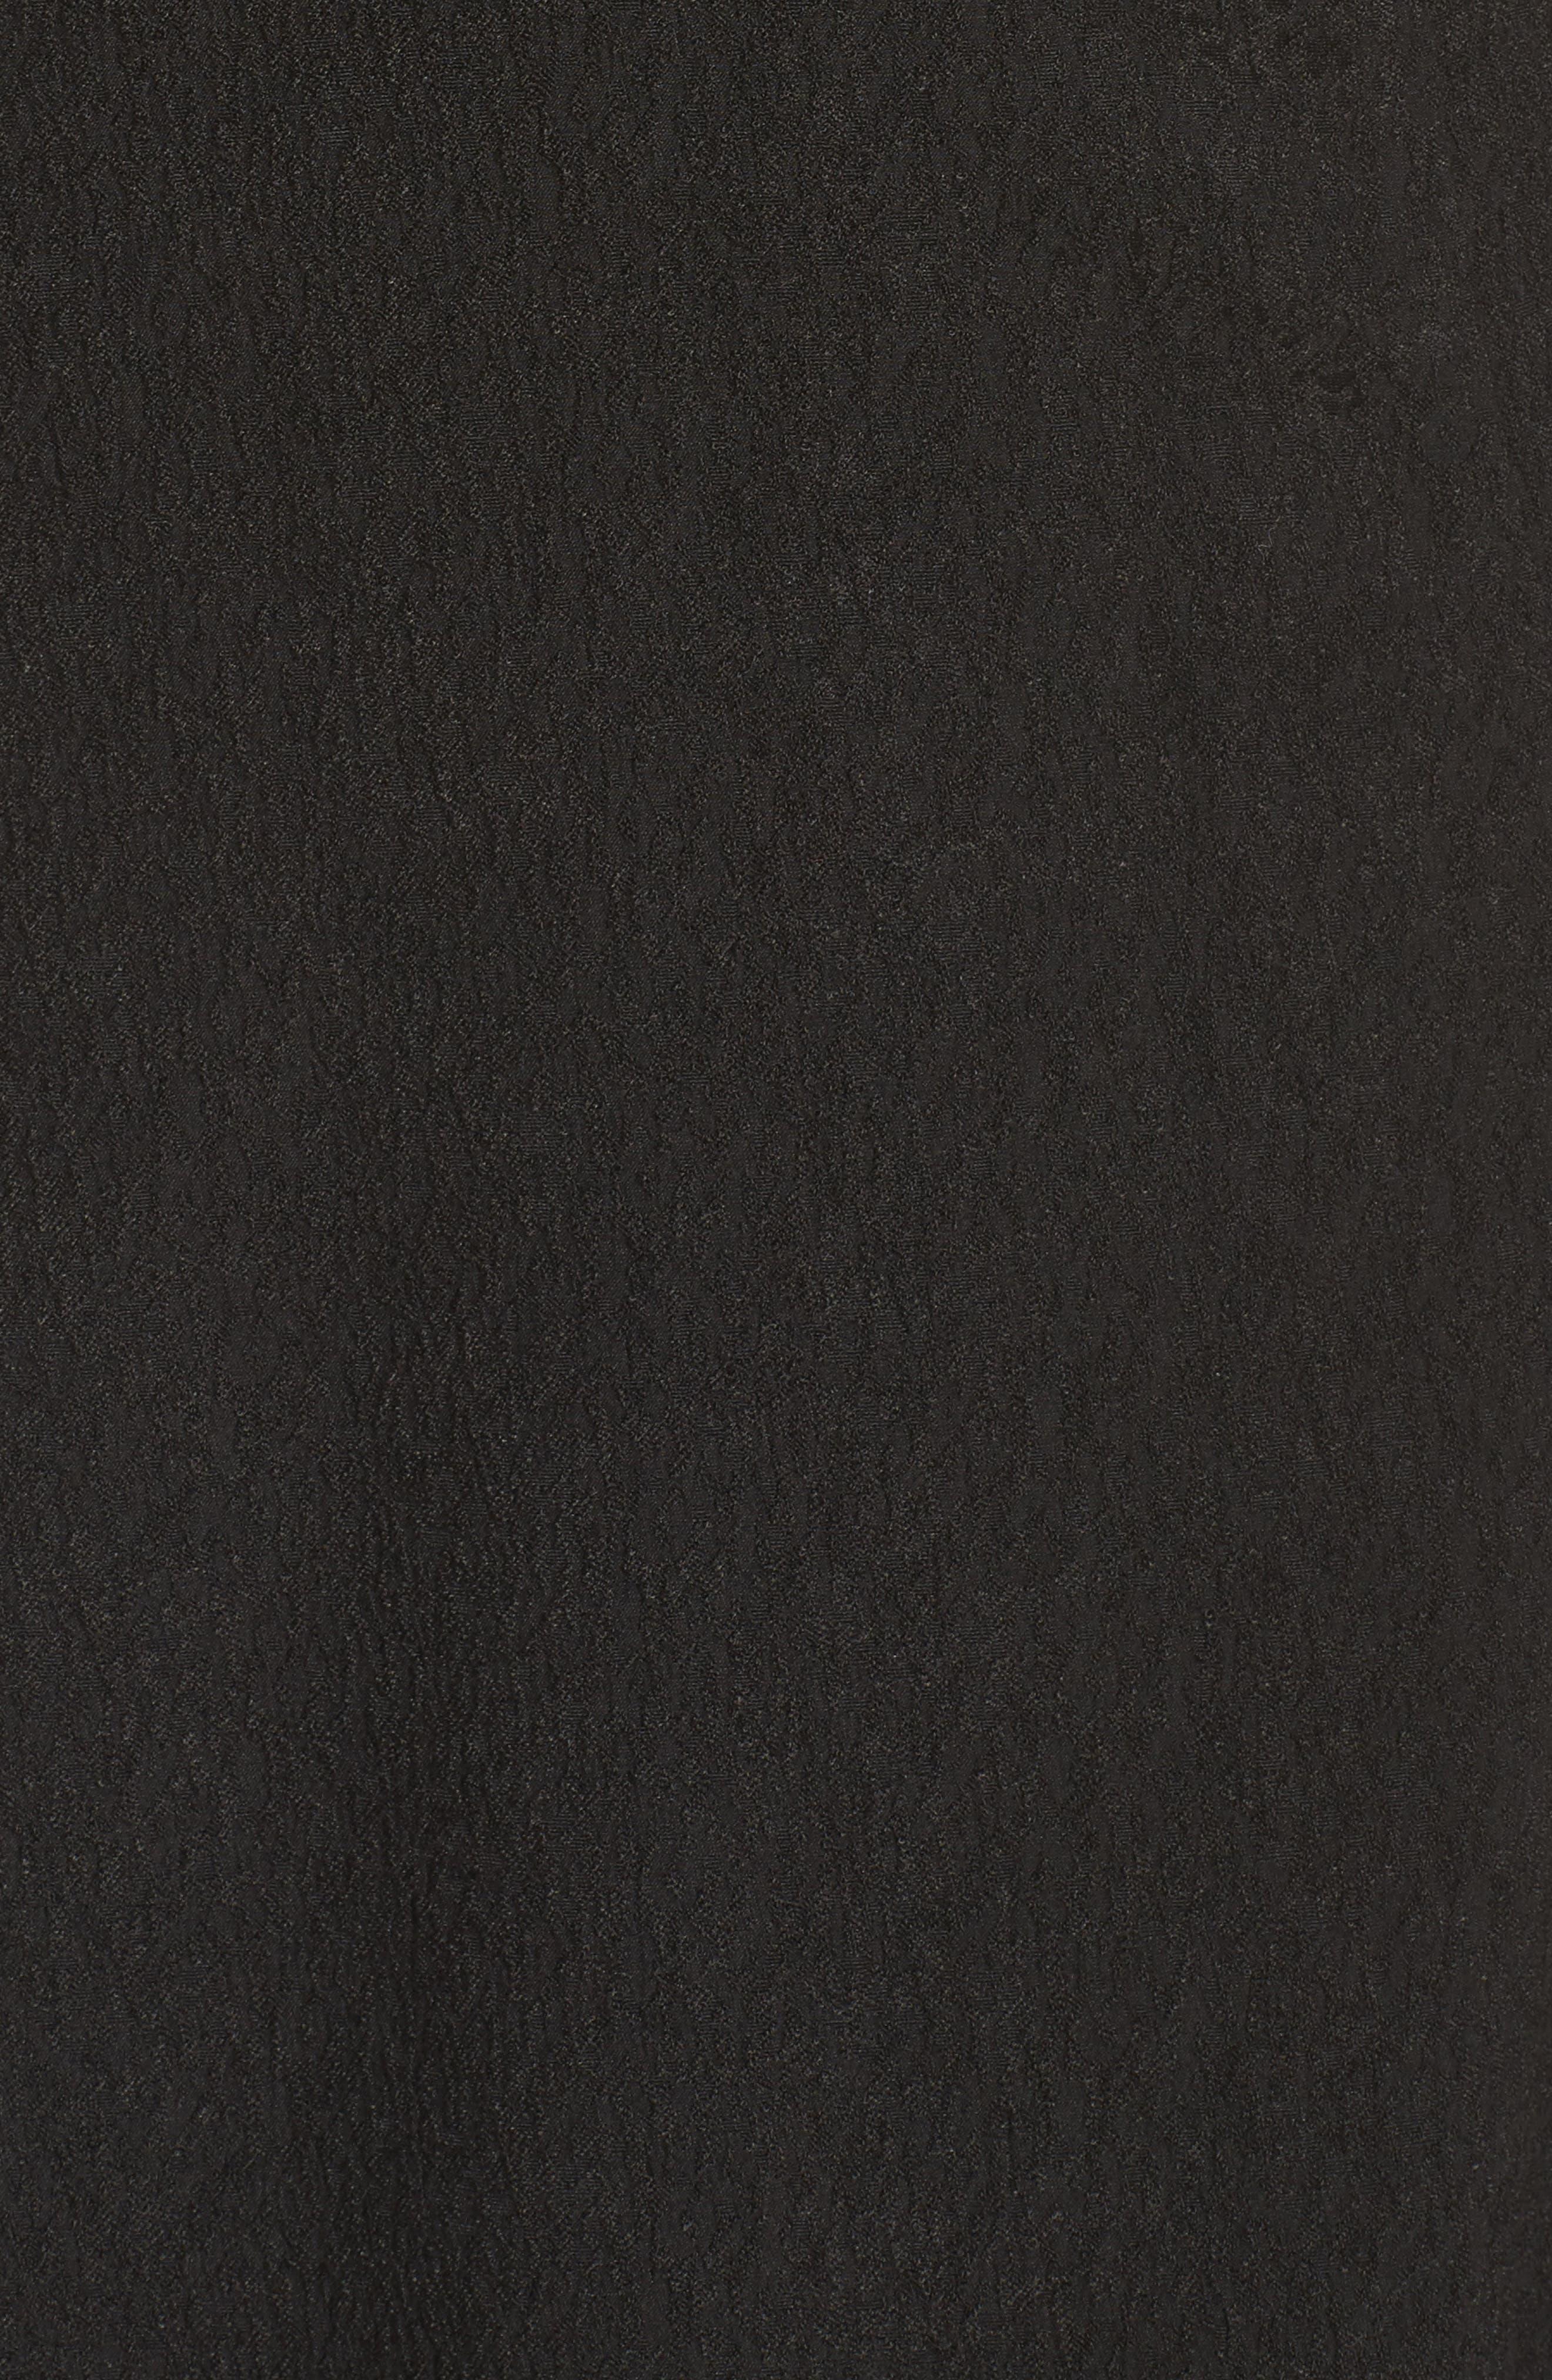 I Dream It Fit & Flare Dress,                             Alternate thumbnail 5, color,                             Black